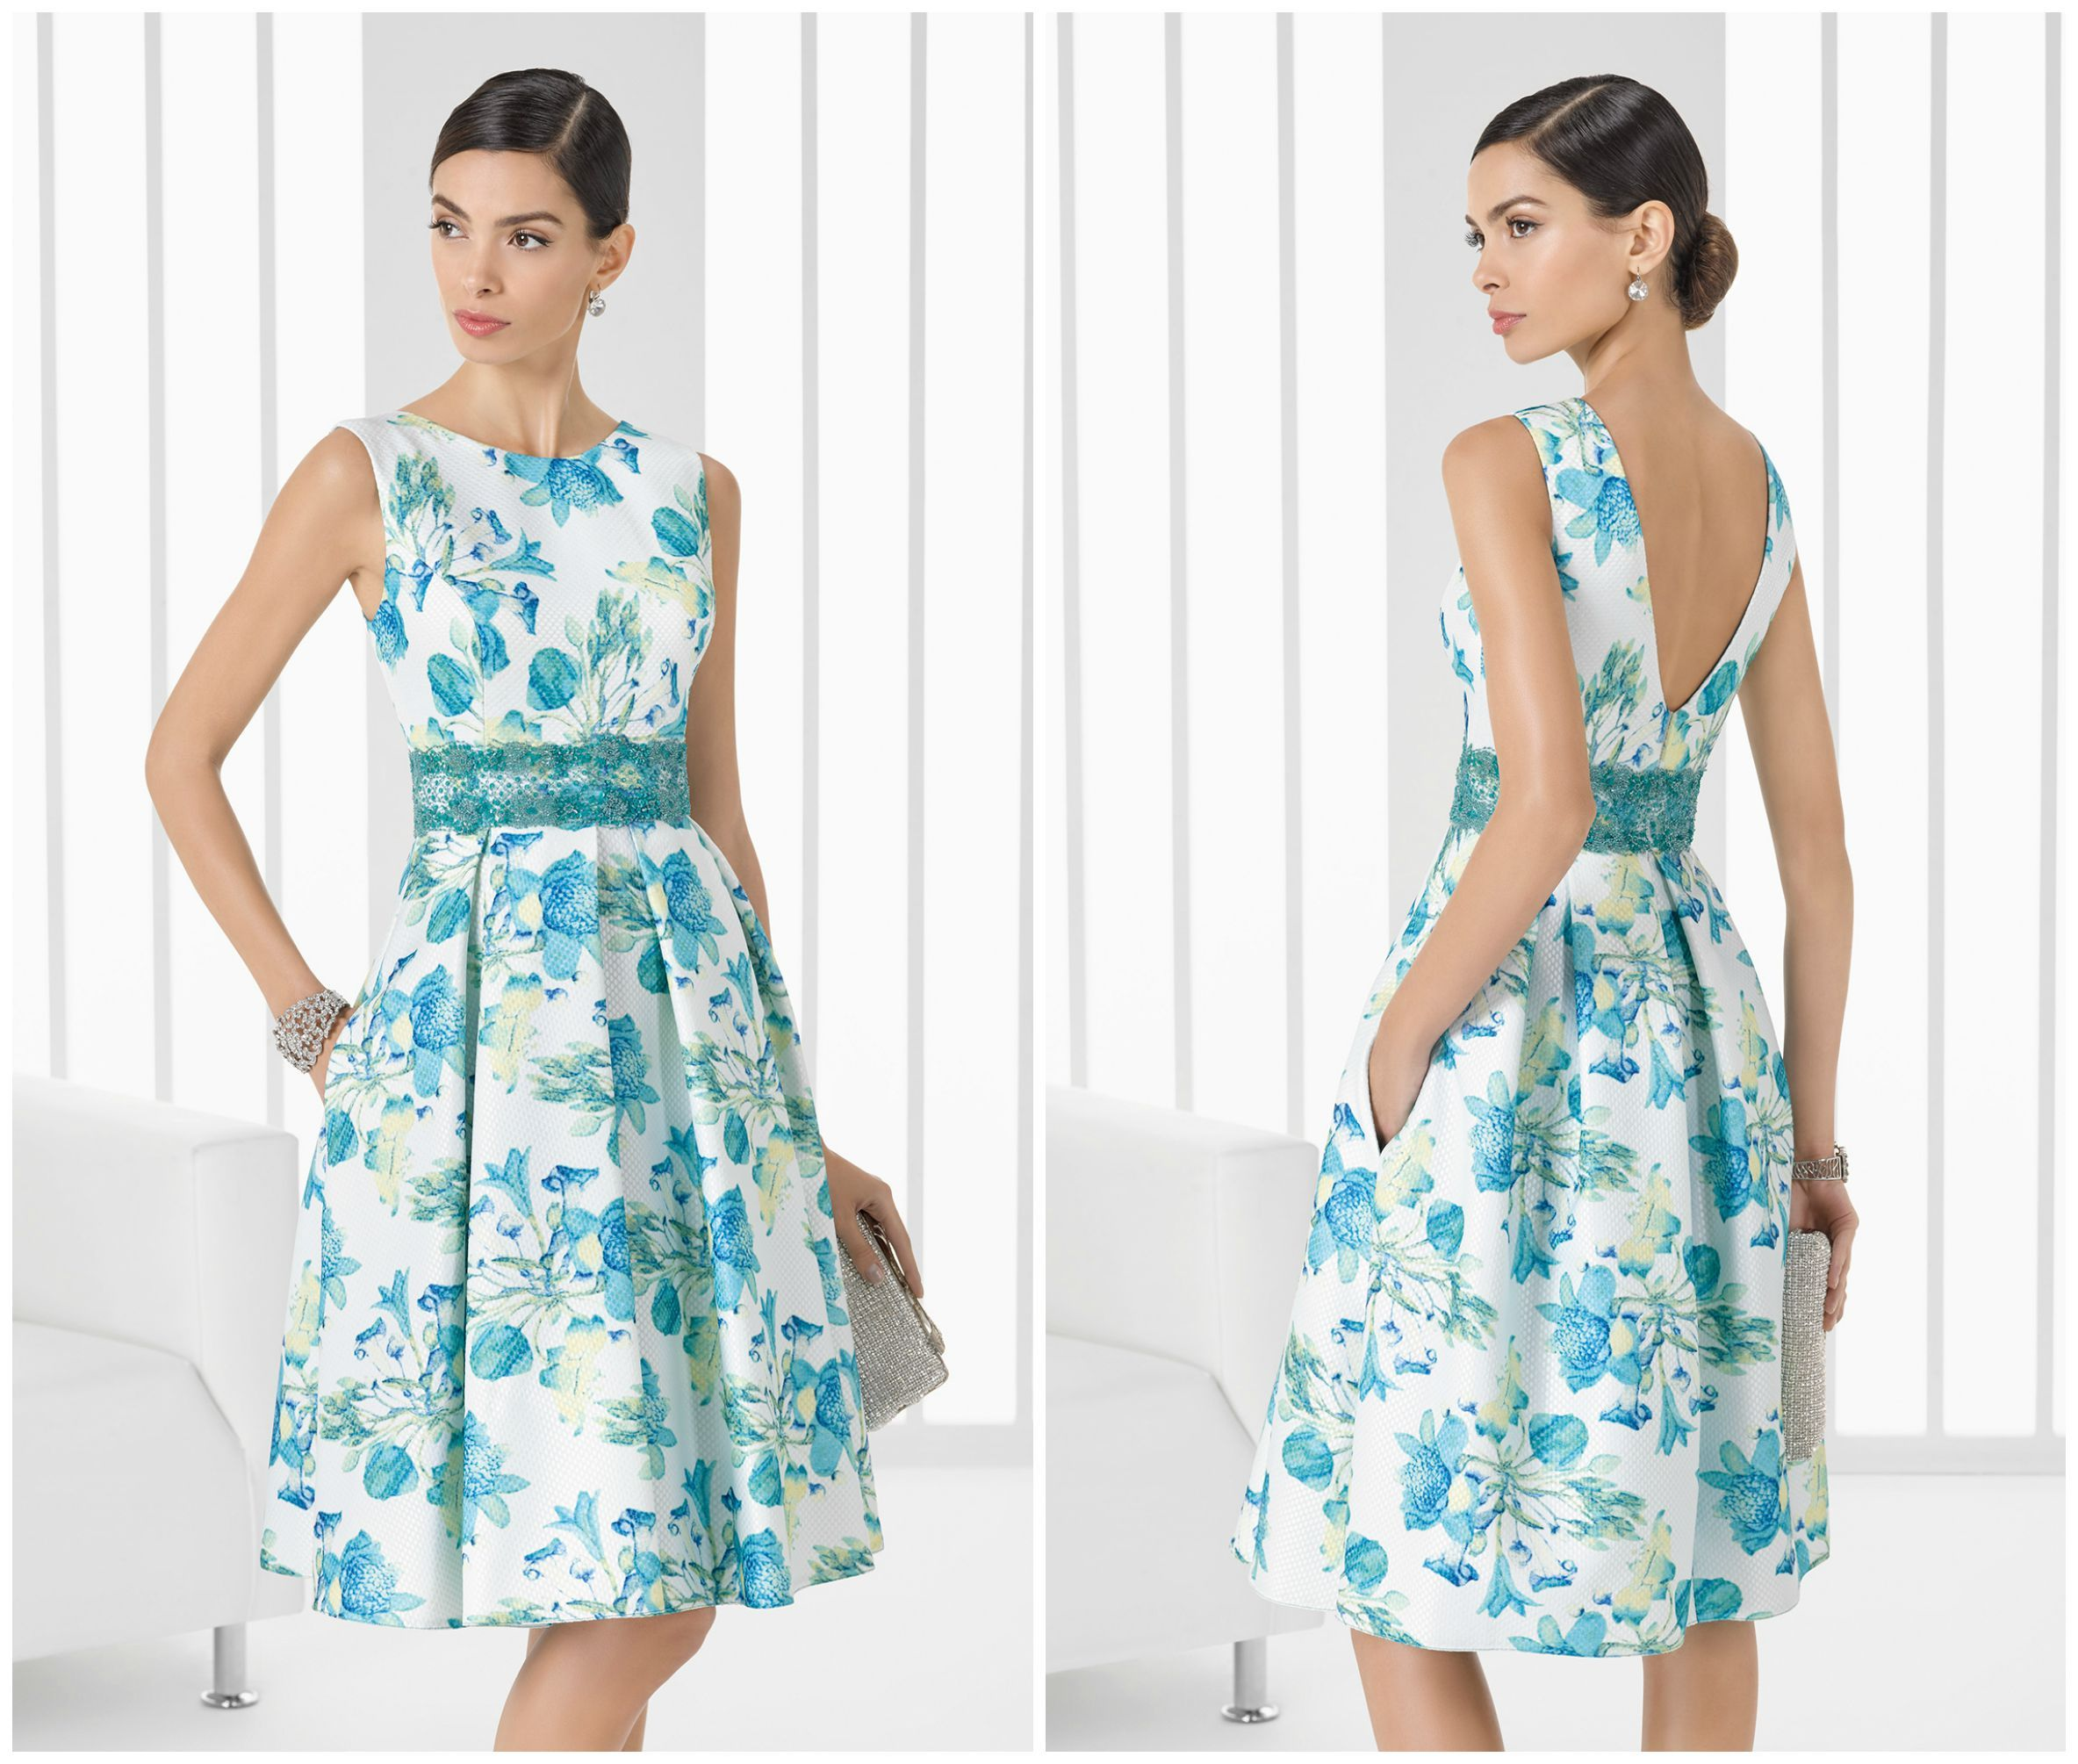 60 vestidos de fiesta Rosa Clará 2016 que no te dejarán indiferente ...